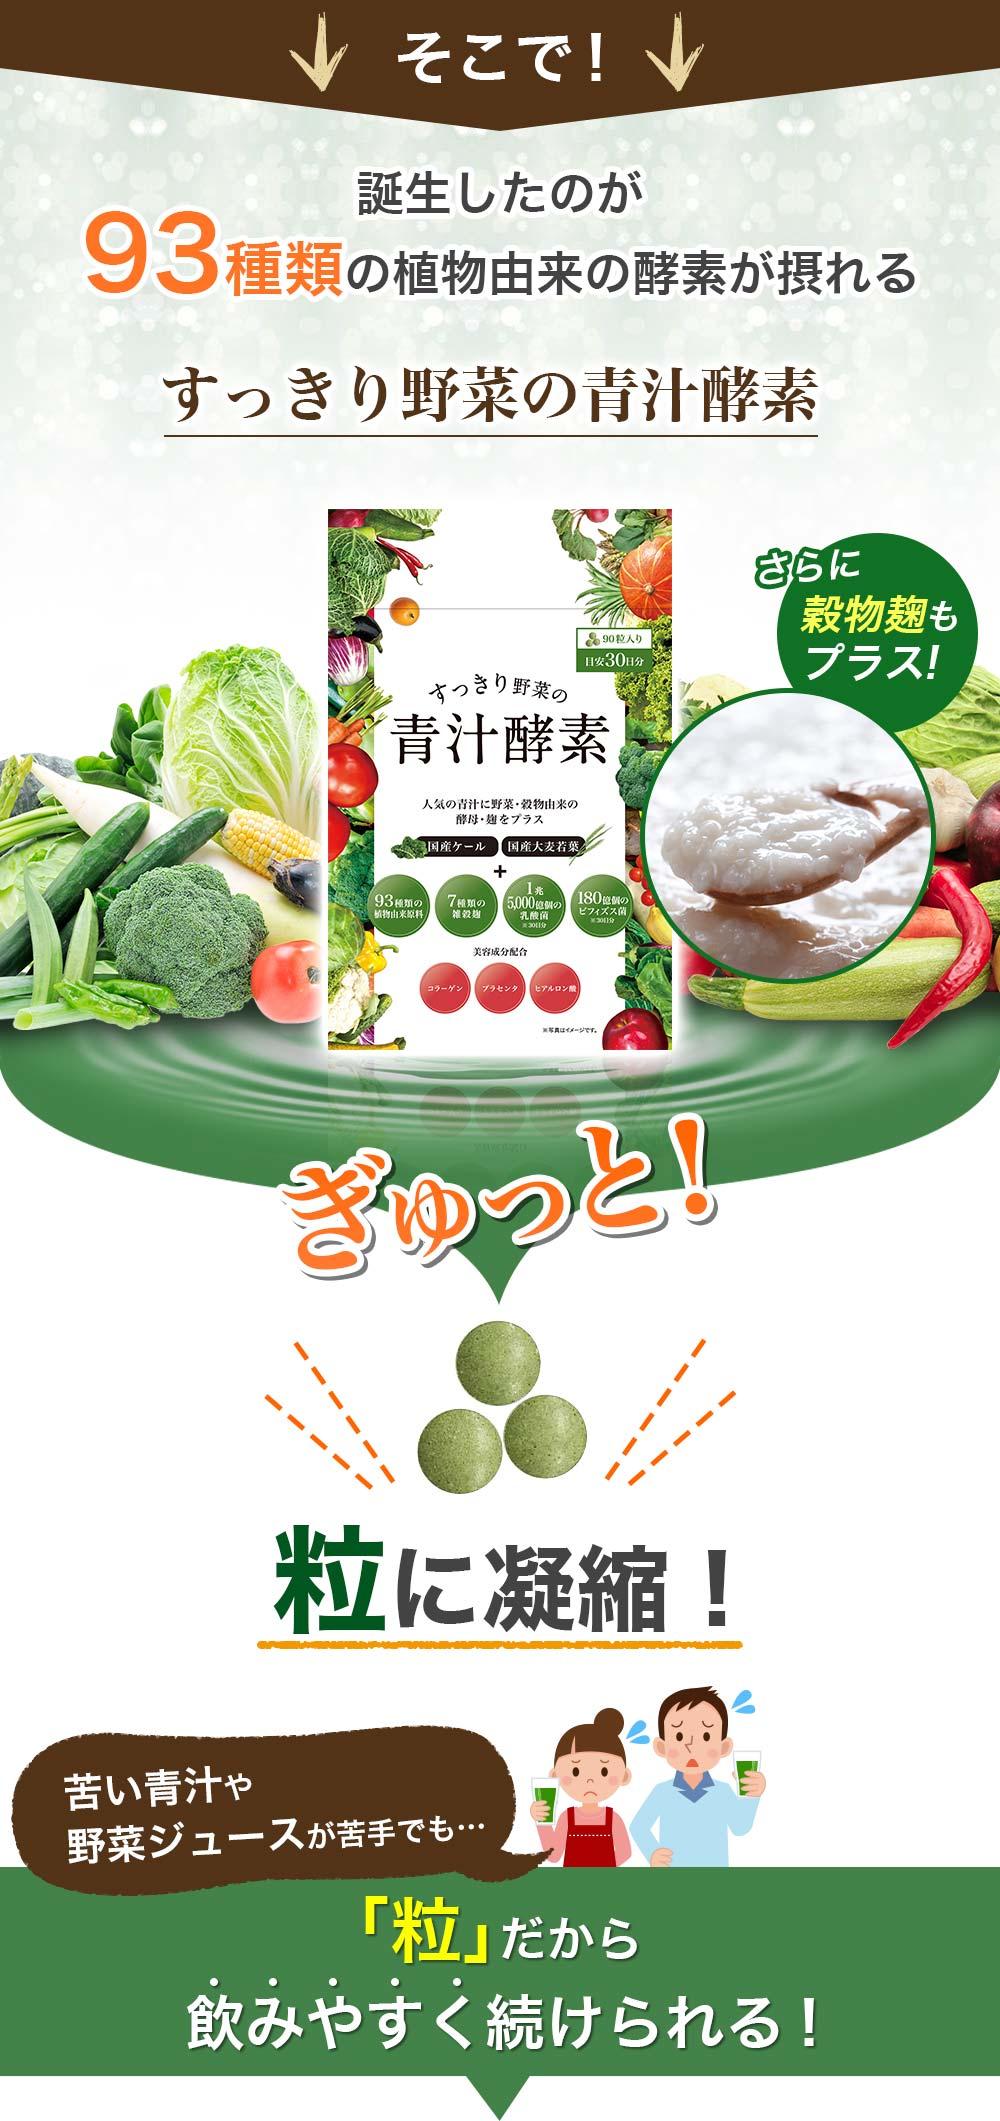 そこで誕生したのが93種類の植物由来の酵素が摂れる「すっきり野菜の青汁酵素」。ぎゅっと粒に凝縮し、苦い青汁や野菜ジュースが苦手でも、「粒」だから飲みやすく続けられる!